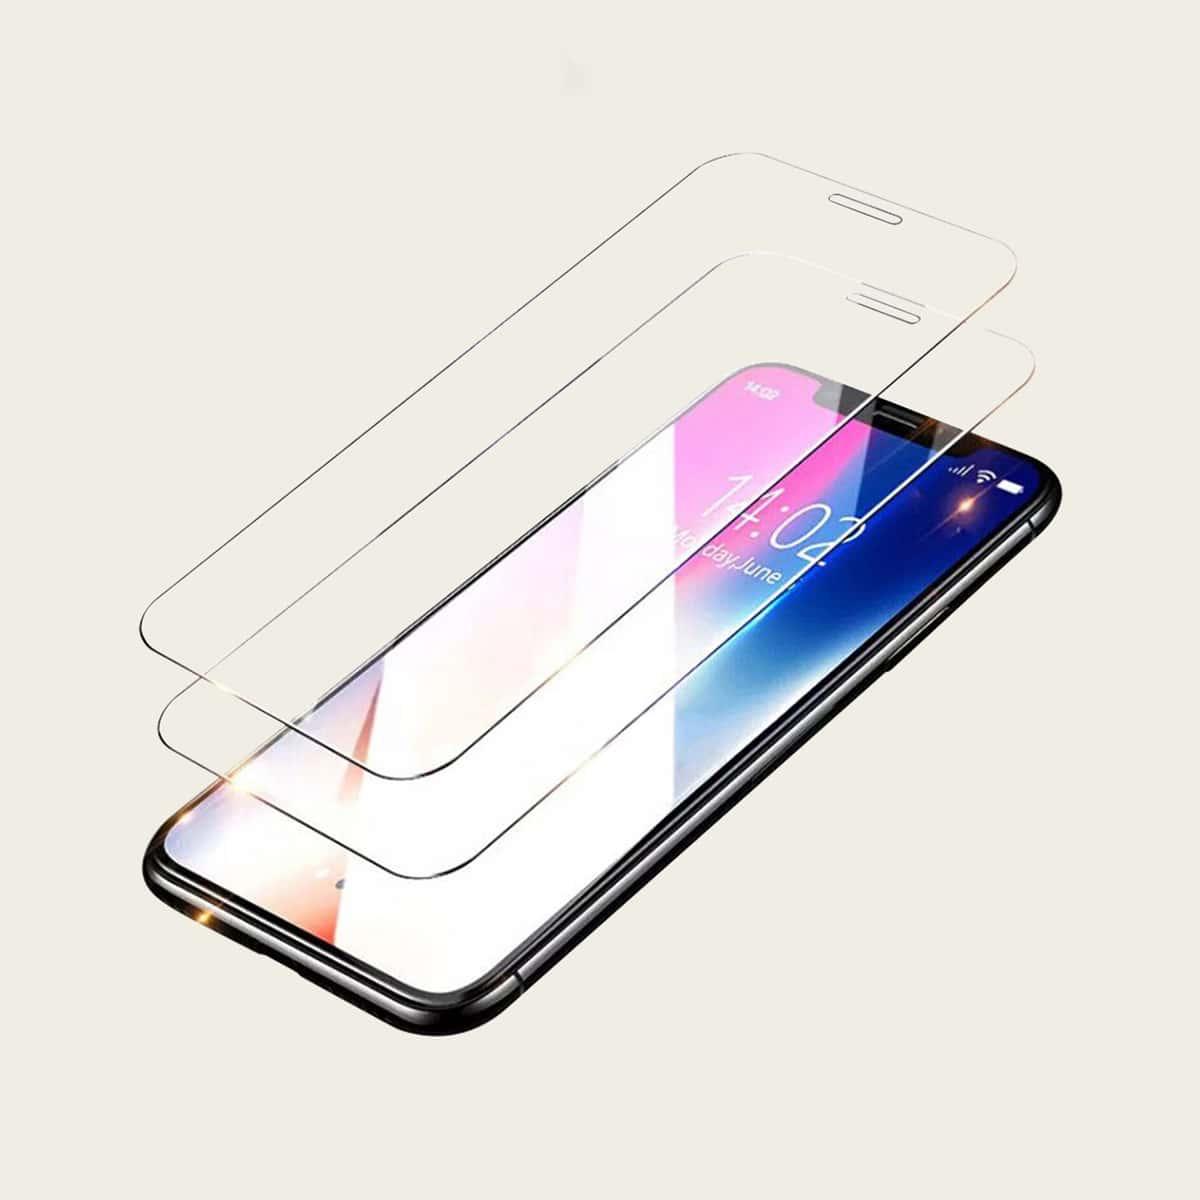 2шт защитная пленка для iPhone из закаленного стекла фото